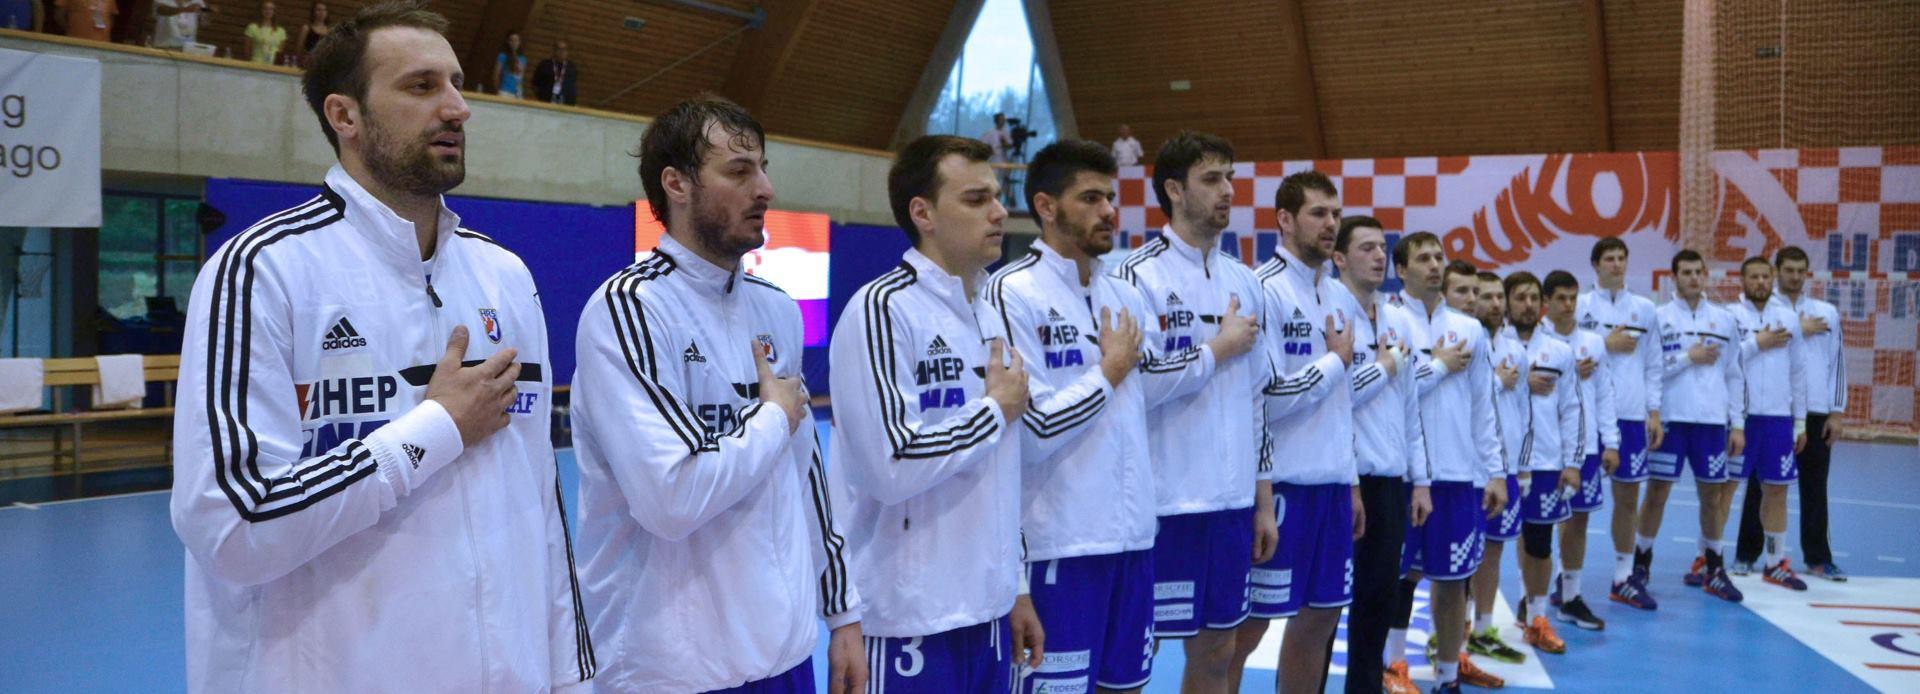 POBJEDNICI SKUPINE Hrvatski rukometaši u Umagu uvjerljivo pobijedili reprezentaciju Turske